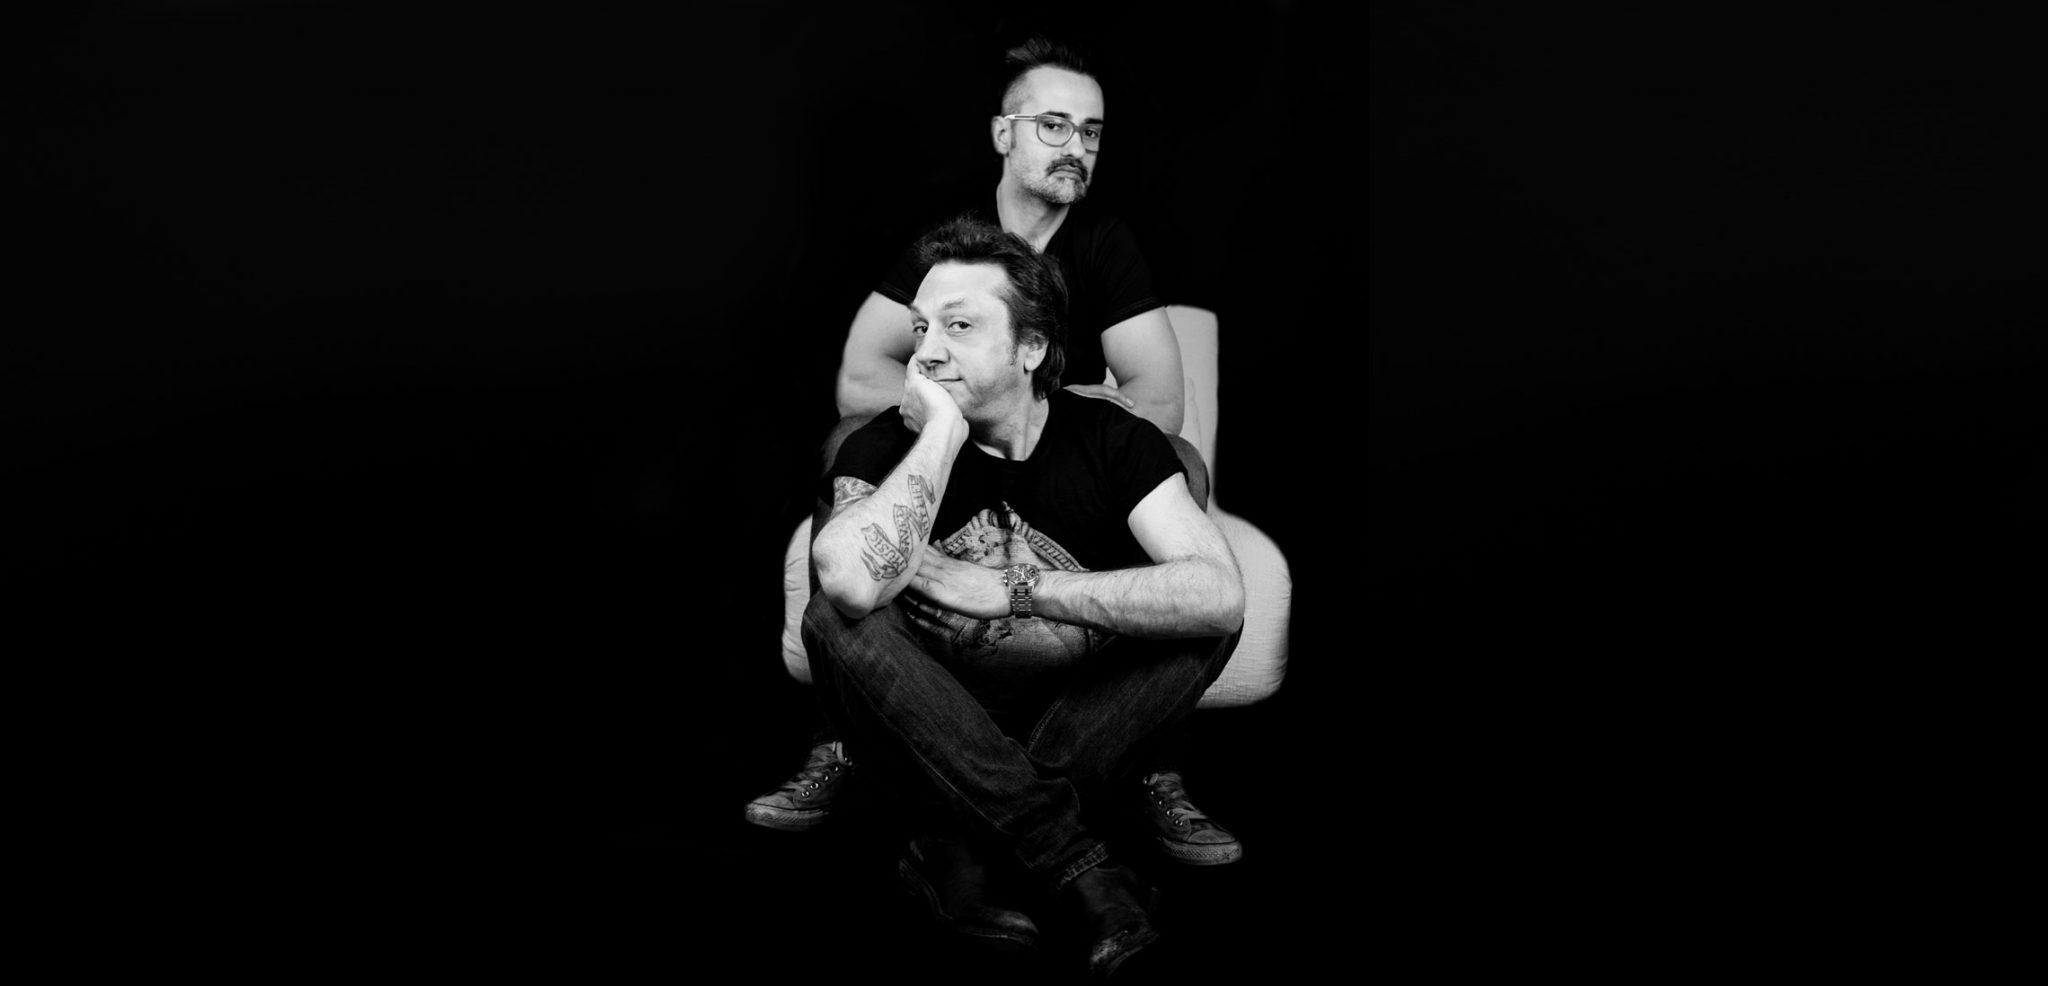 Paul C & Paolo Martini - Big Gun EP hero